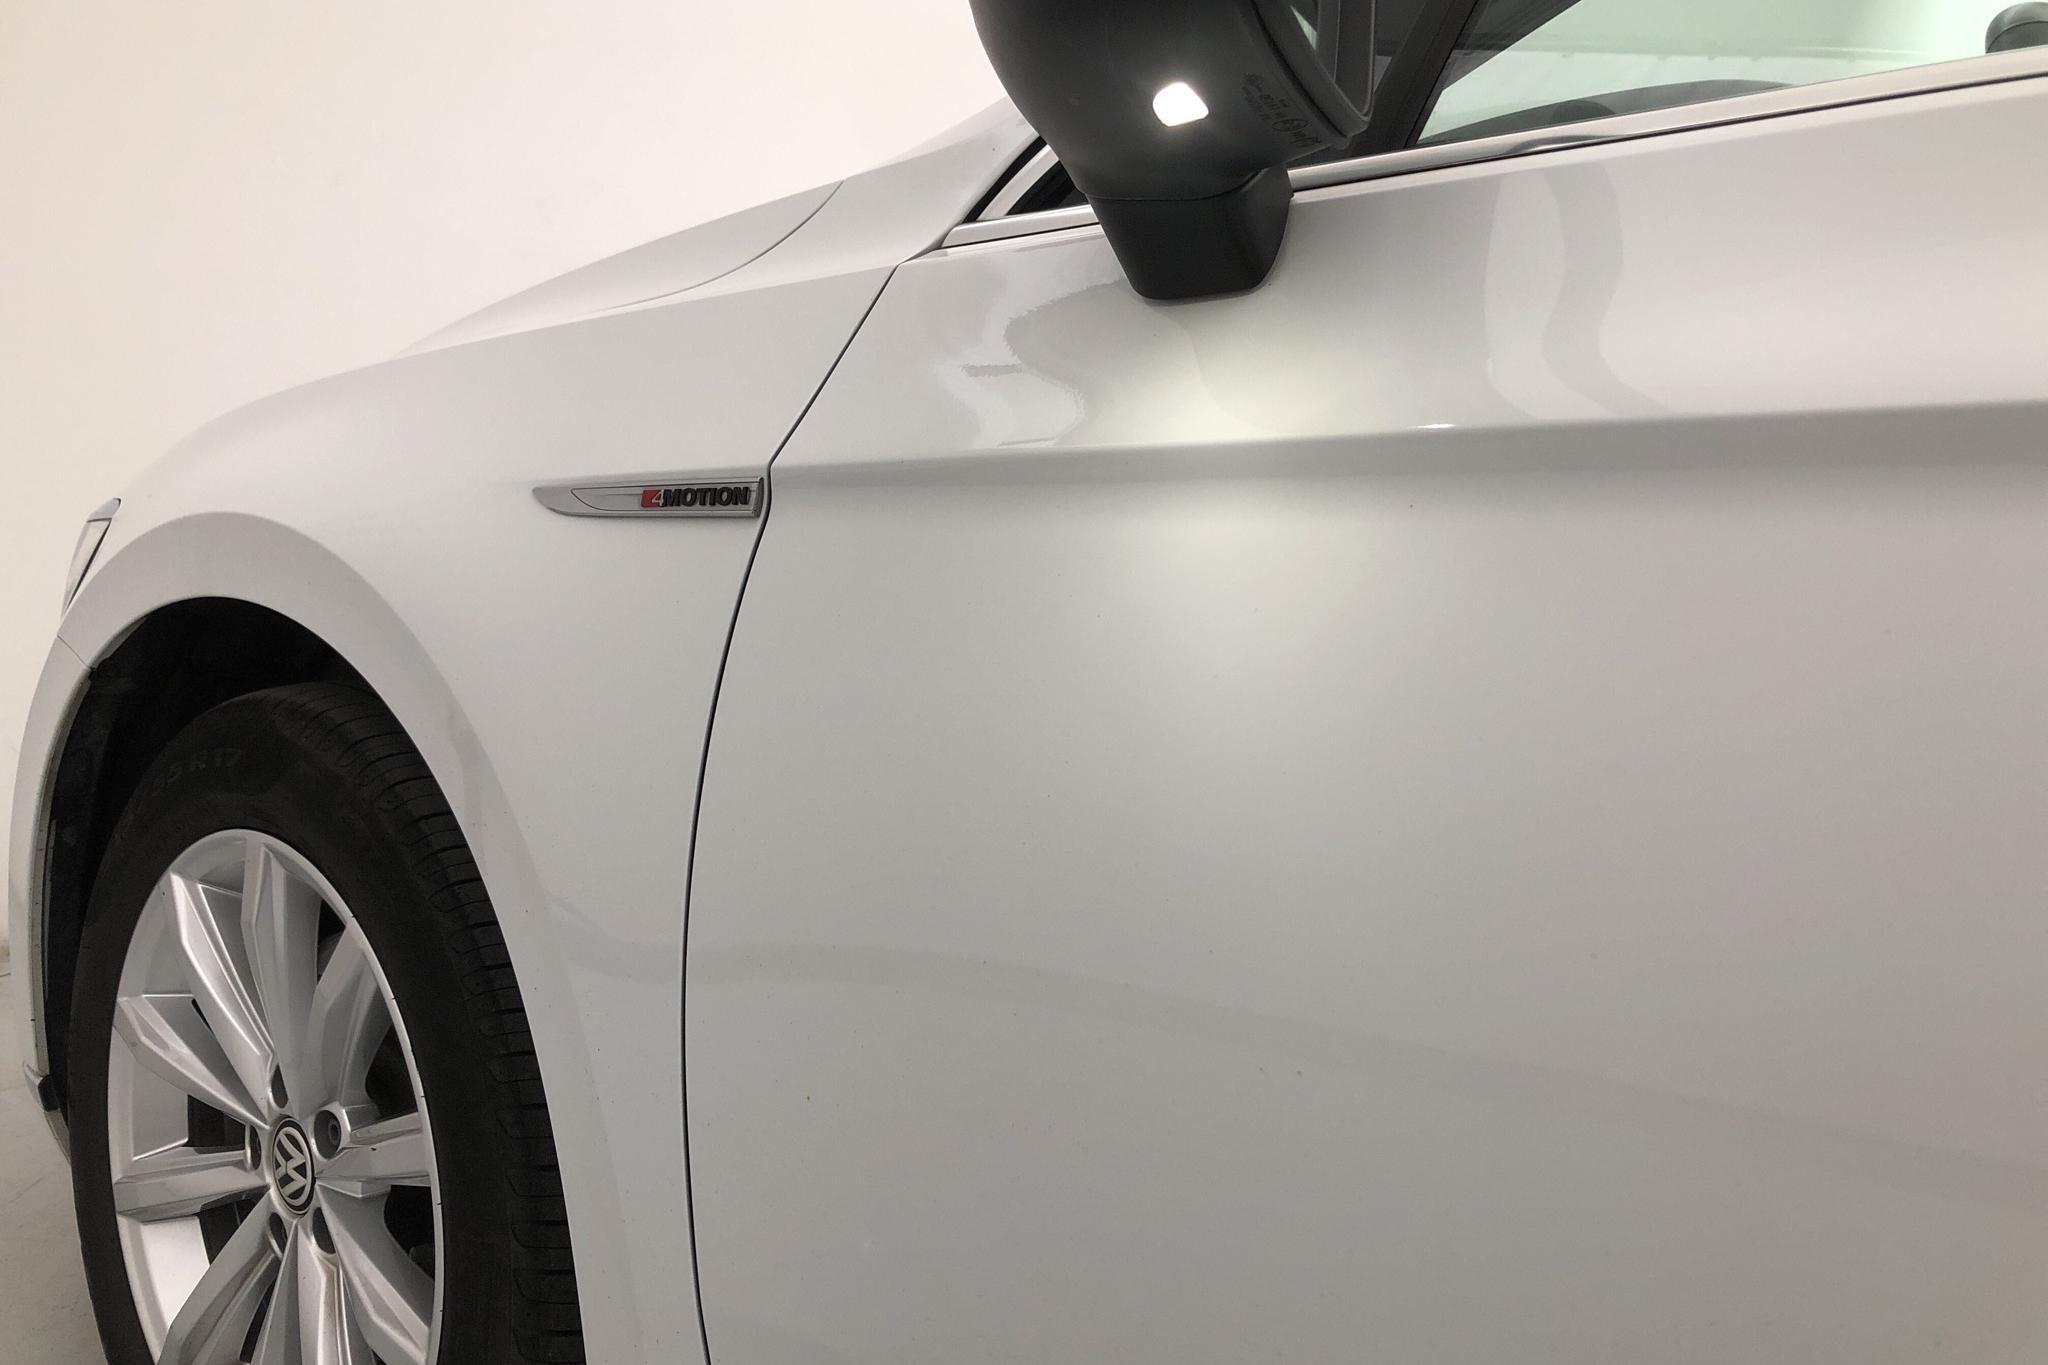 VW Passat 2.0 TDI Sportscombi 4MOTION (190hk) - 13 122 mil - Automat - vit - 2018